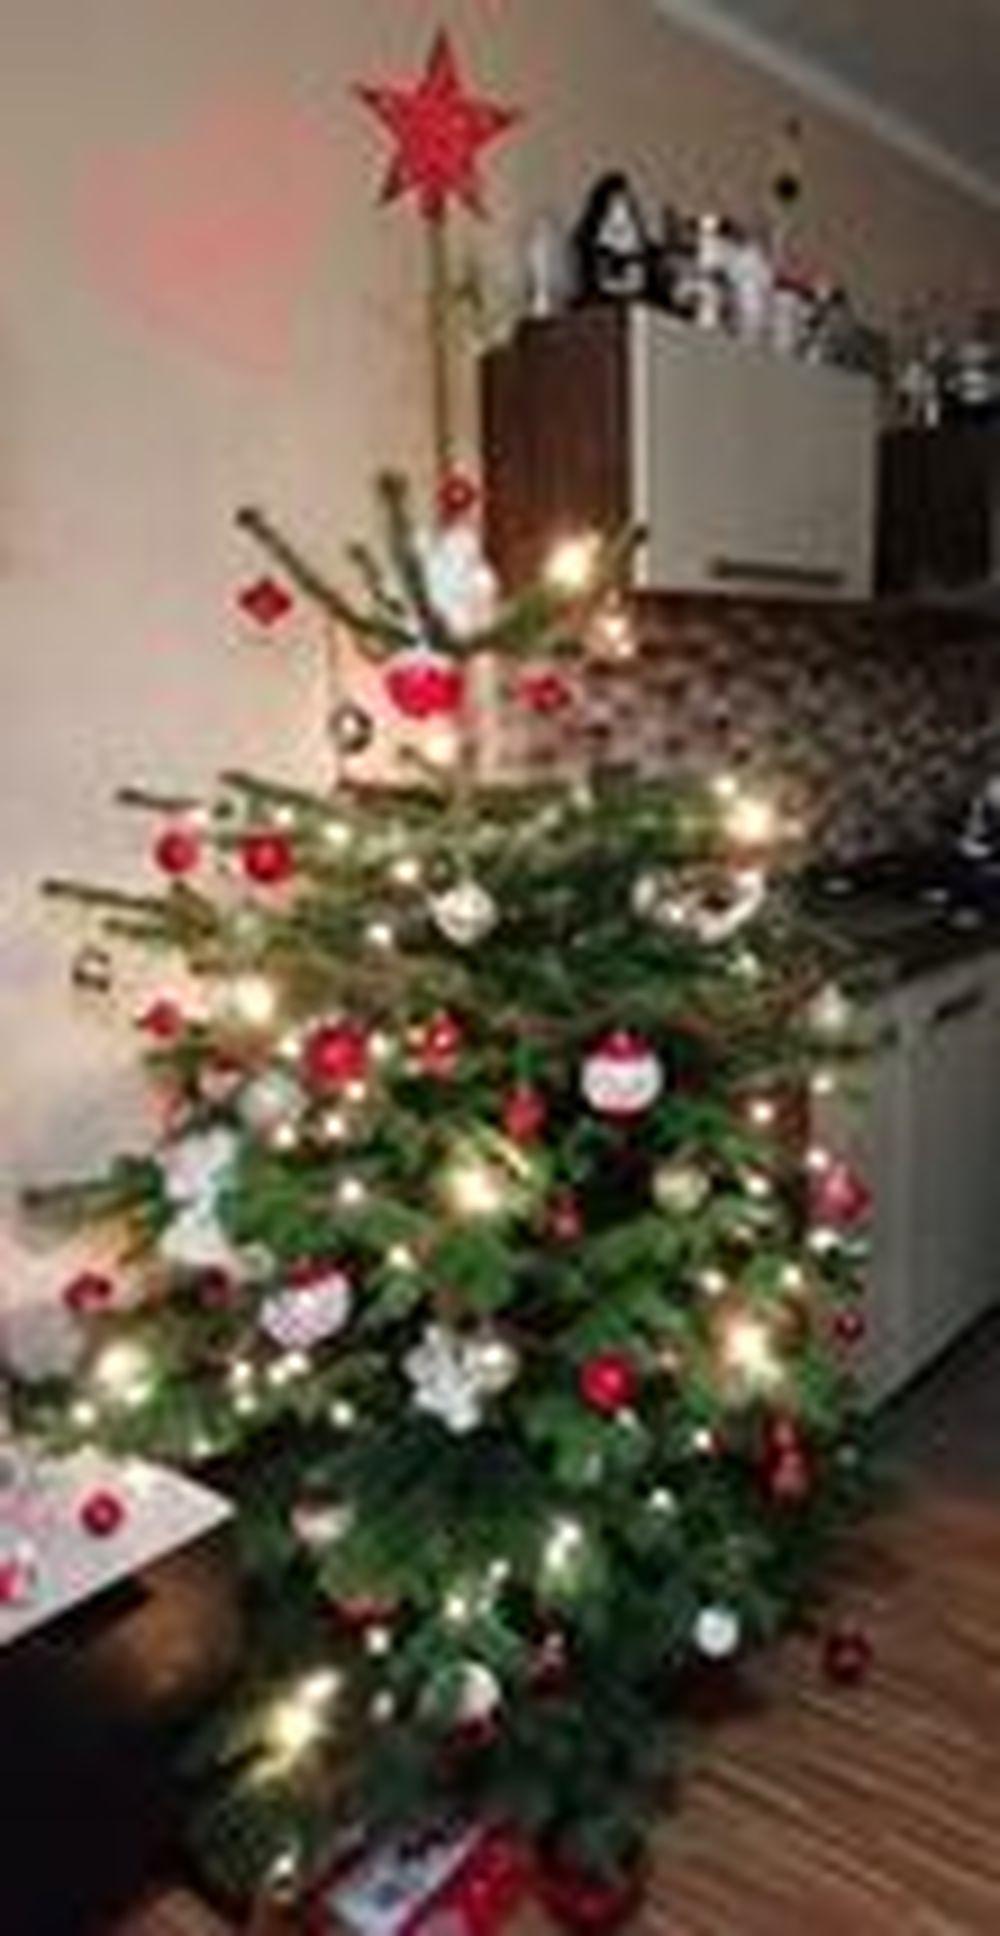 FOTO: Vianočné stromčeky v Žiline - výber fotografií našich čitateľov, foto 8